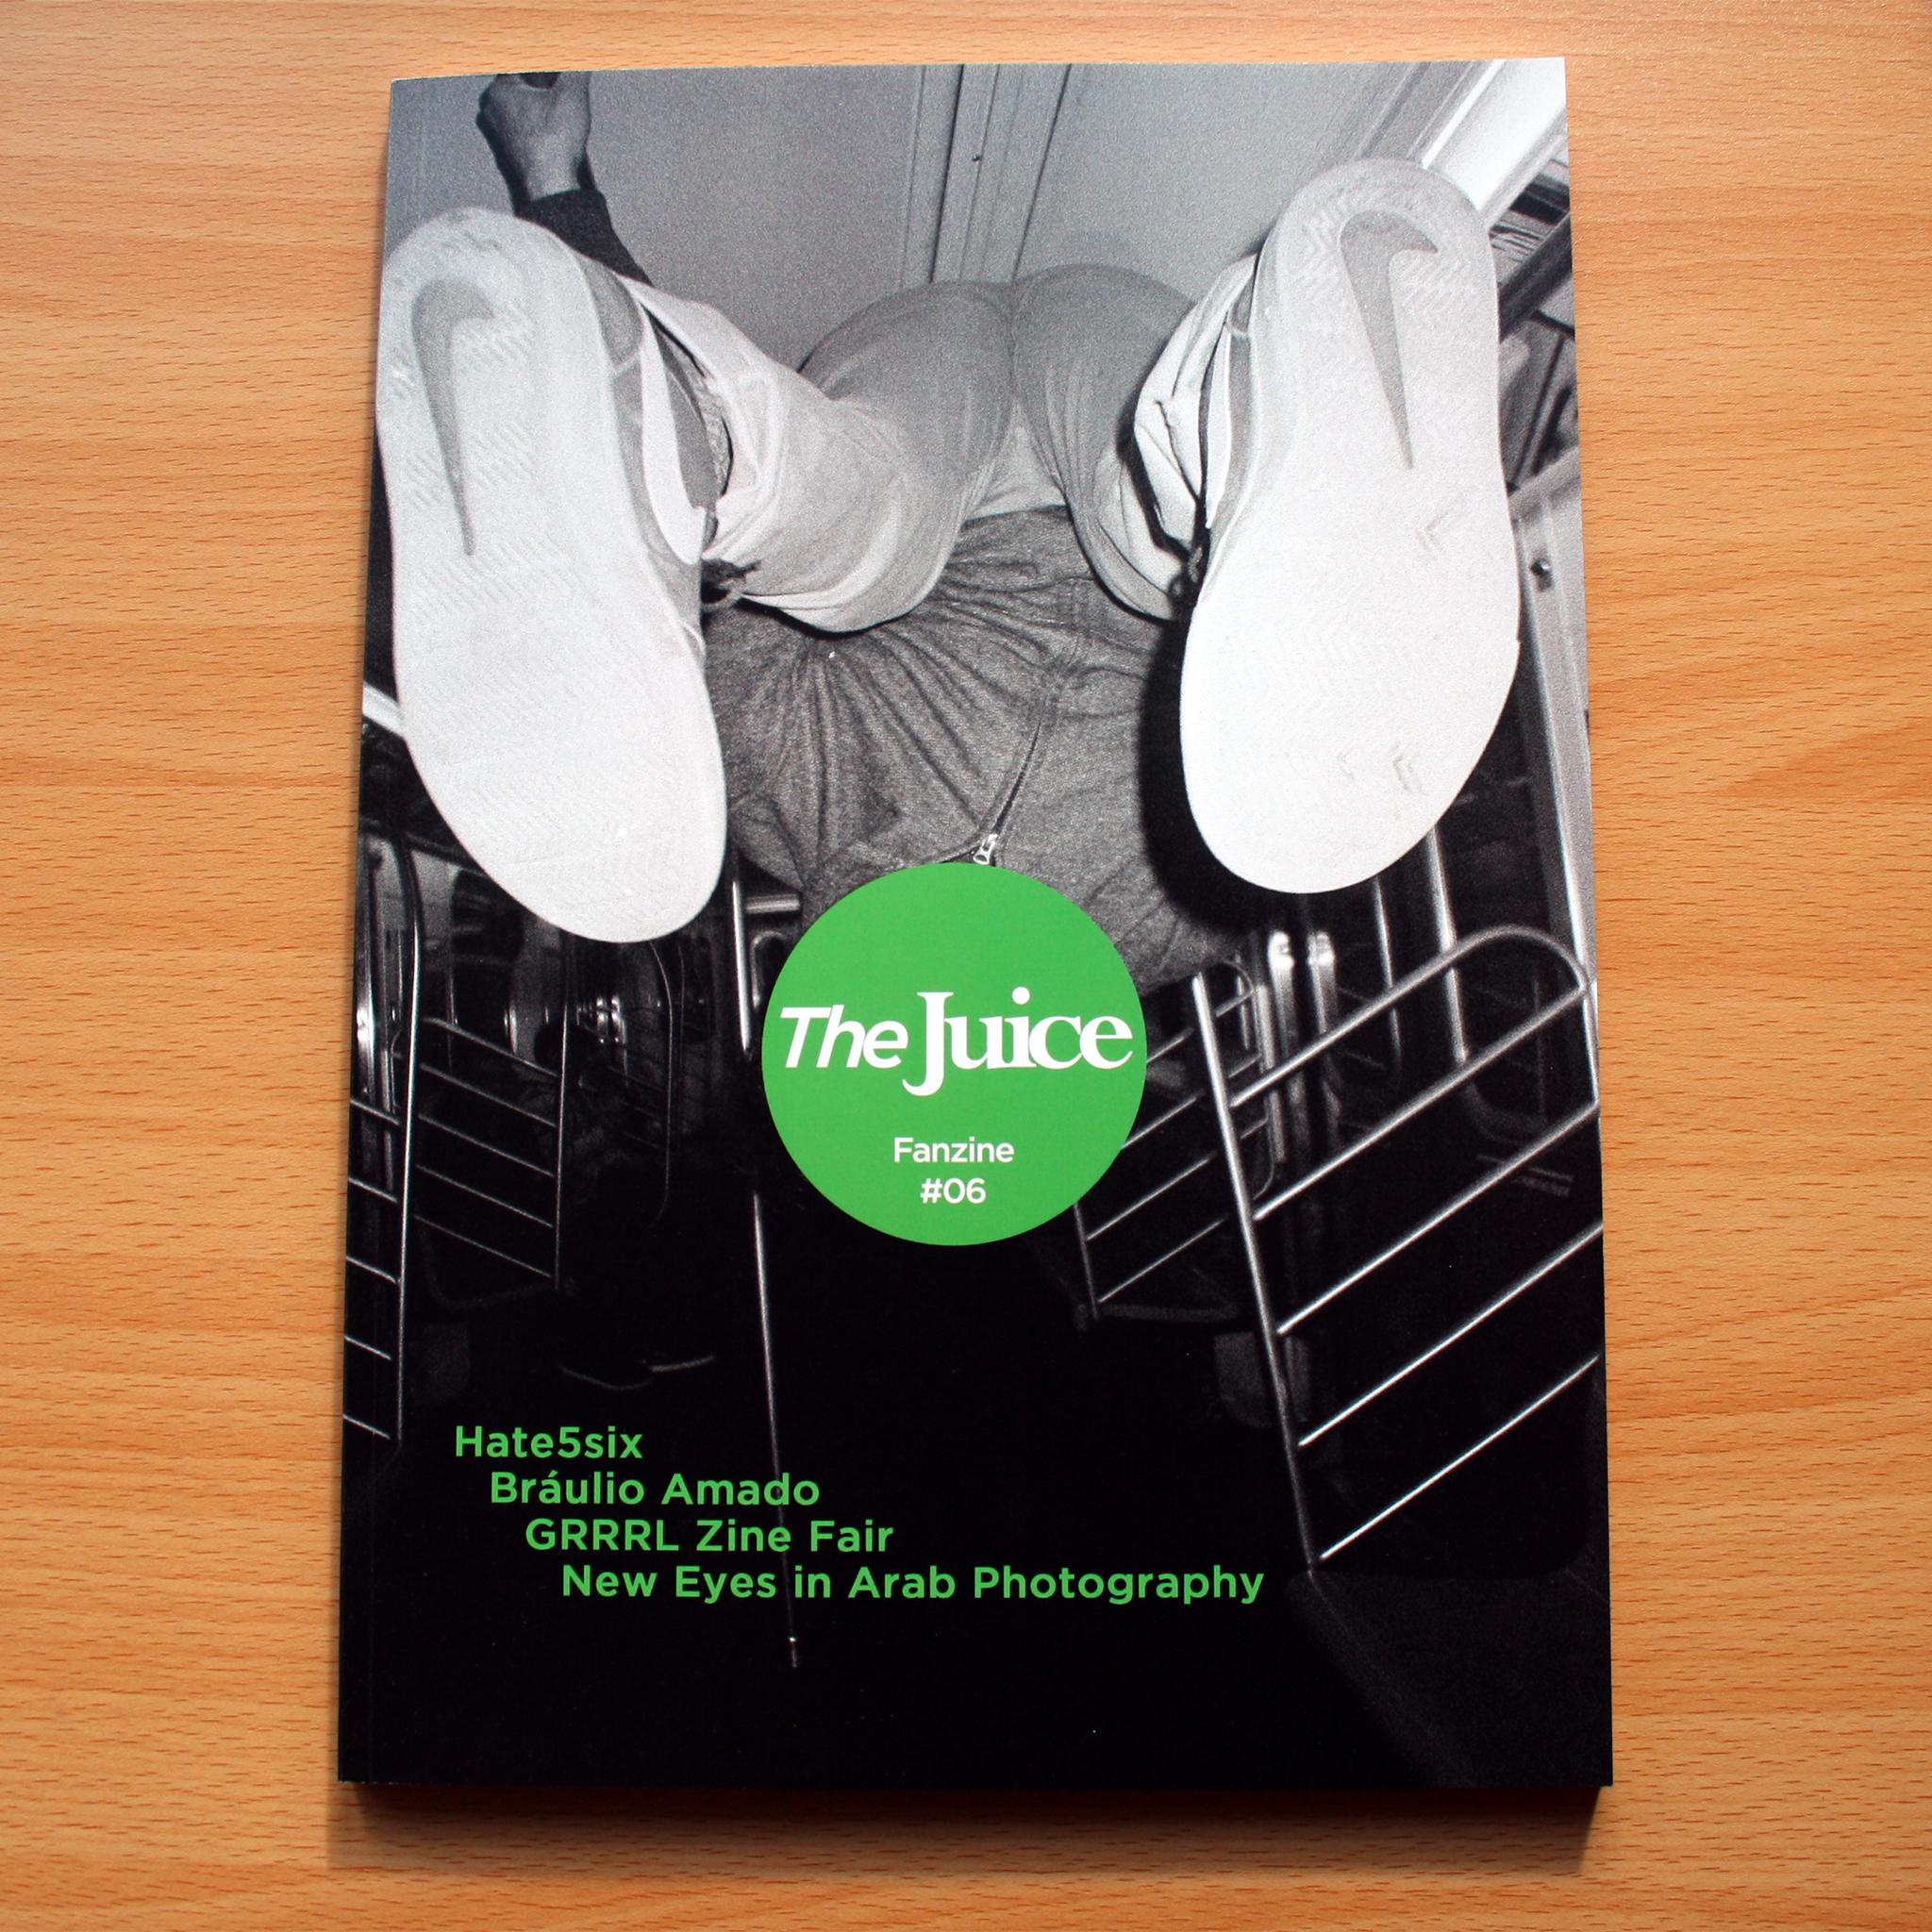 The Juice Fanzine #06